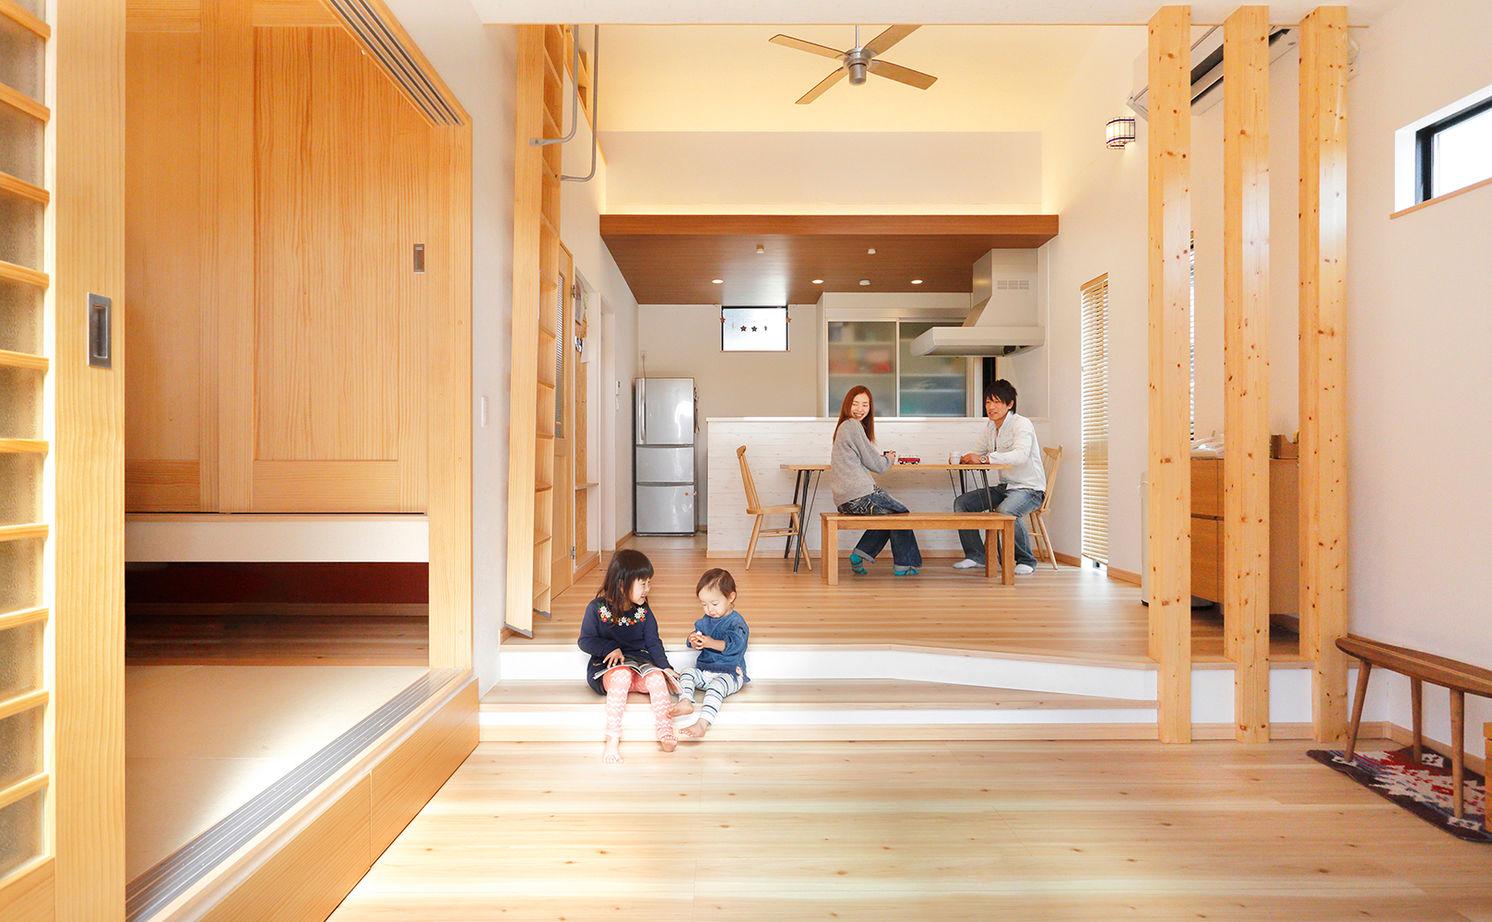 木の温もりあふれる自慢の平屋 立体的な空間設計で開放感も◎画像2